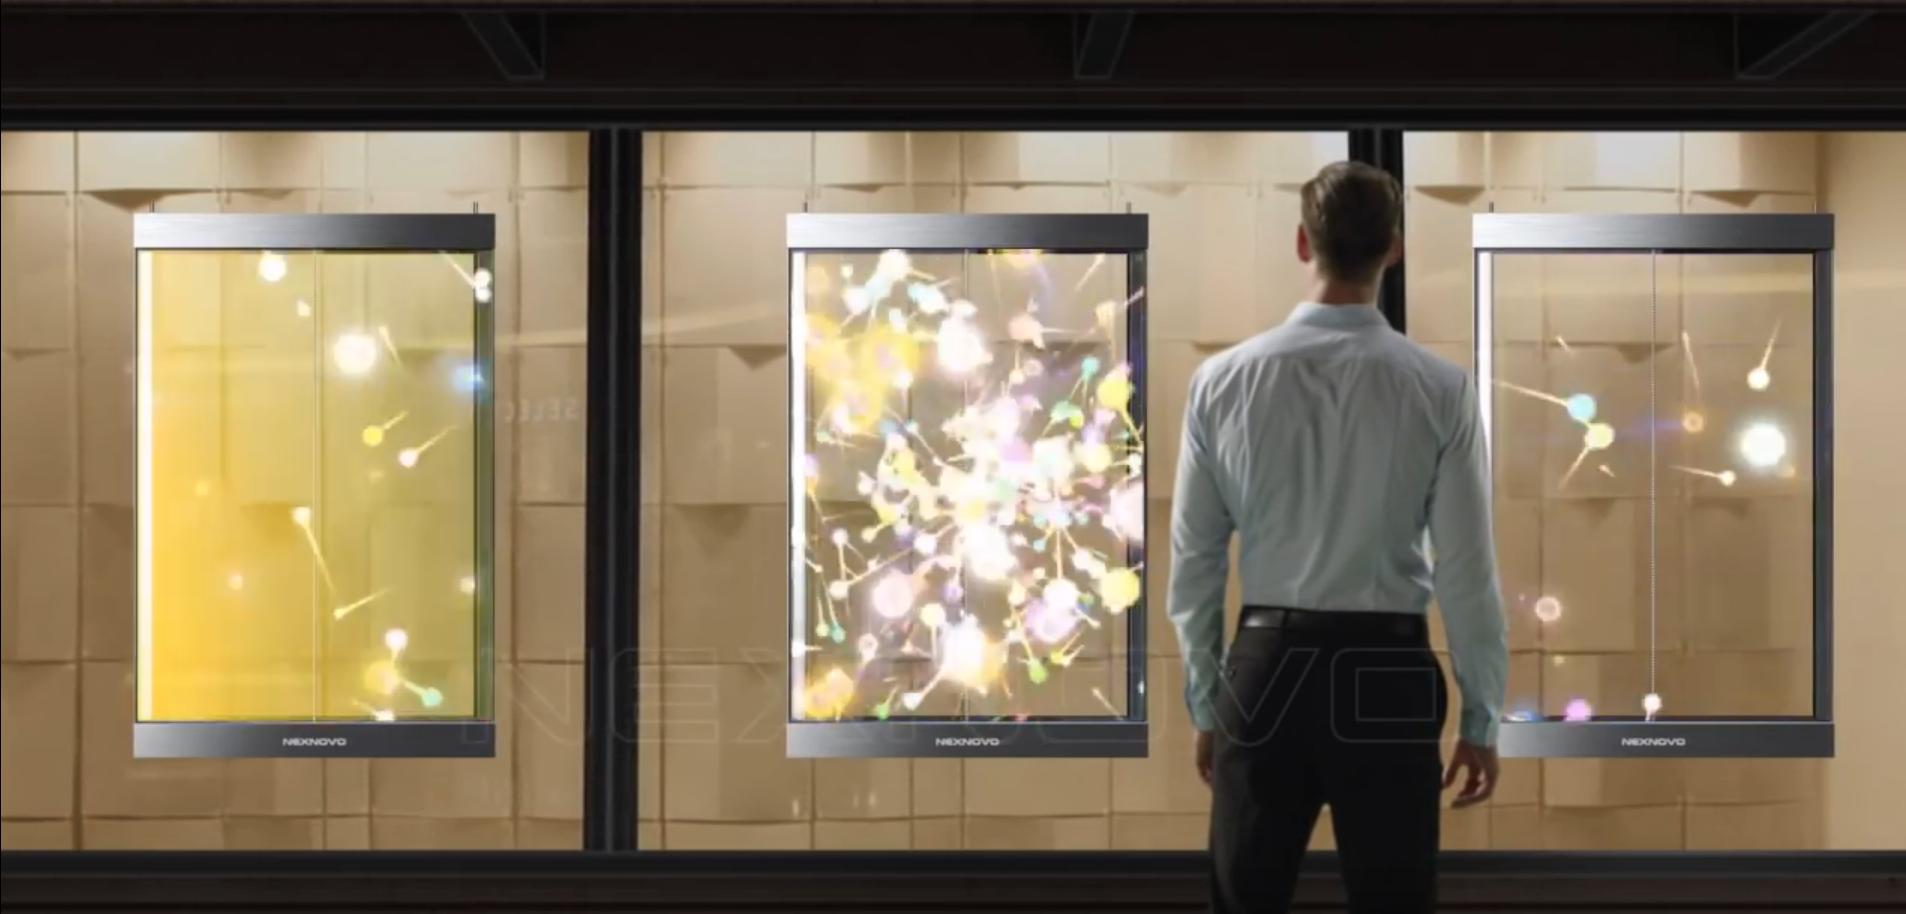 las pantallas de led transparentes son adaptables a cualquier espacio de forma sencilla. Aprovechar un escaparate o una fachada para hacer publicidad con screenad